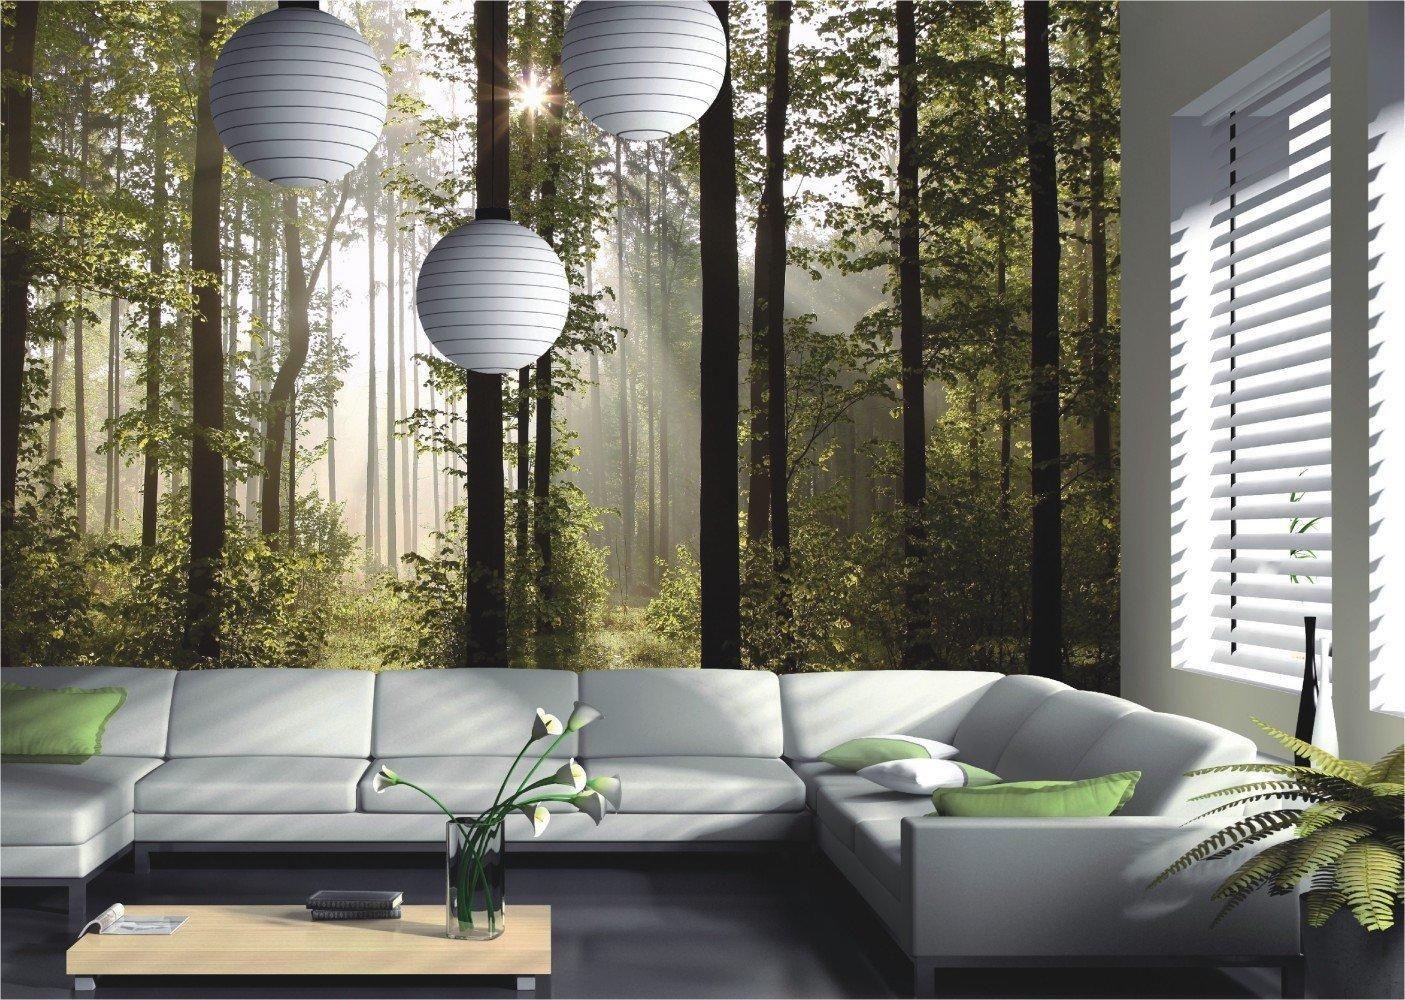 fototapete natur wald lichtspiel unter b umen ist eine beeindruckende wandtapete mit eine. Black Bedroom Furniture Sets. Home Design Ideas